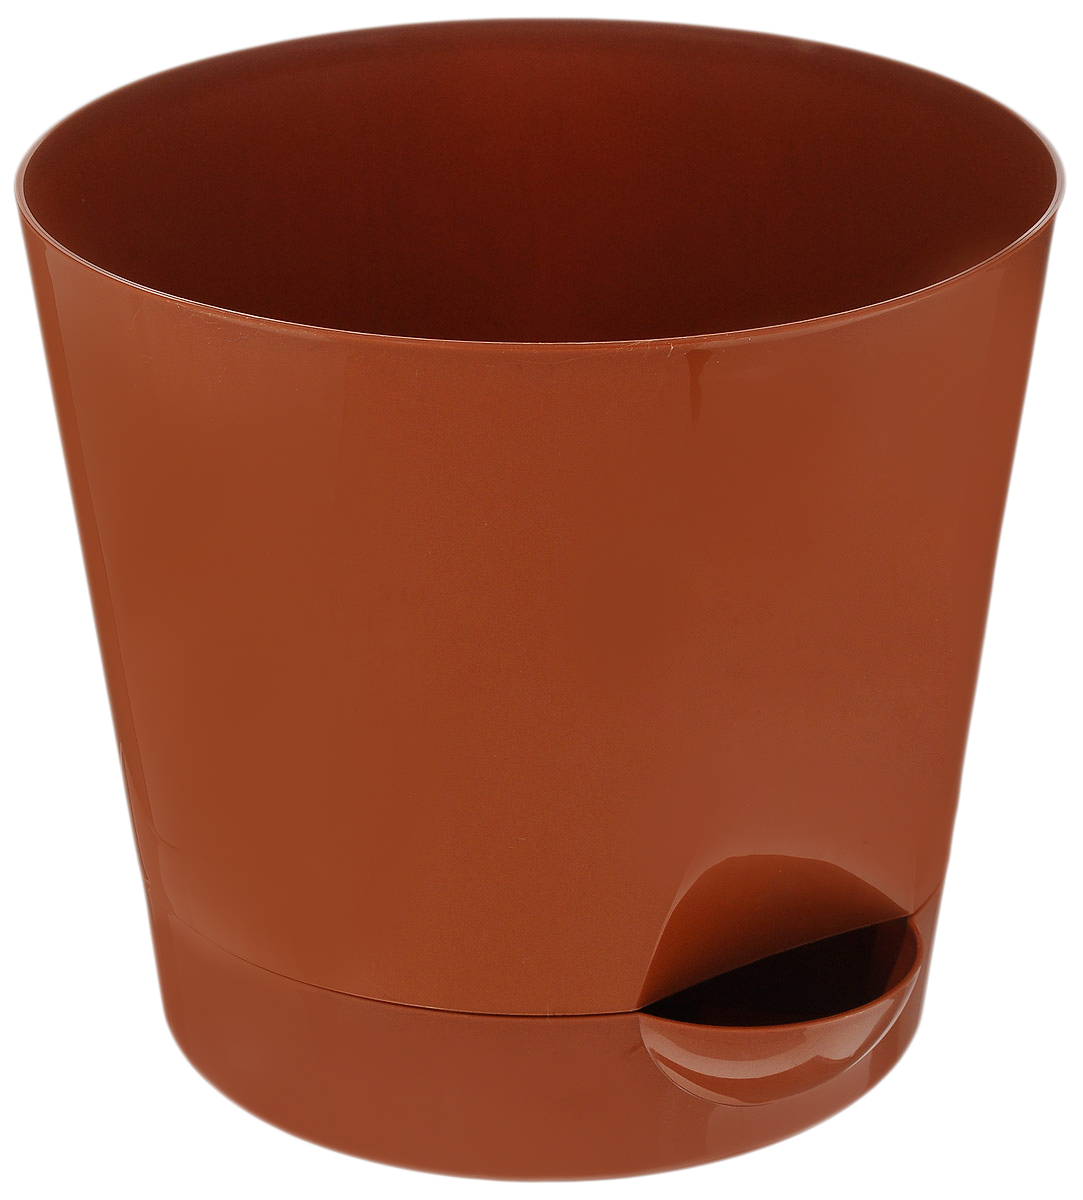 Кашпо Idea Ника, с прикорневым поливом, с поддоном, цвет: коричневый, 2,7 л531-401Кашпо Idea Ника изготовлено из высококачественного полипропилена (пластика). В комплект входит поддон со специальной выемкой, благодаря которому имеется возможность прикорневого полива. Изделие подходит для выращивания растений и цветов в домашних условиях. Стильная яркая картинка сделает такое кашпо прекрасным дополнением интерьера. Объем горшка: 2,7 л. Диаметр горшка (по верхнему краю): 18 см. Высота горшка: 16,5 см. Диаметр подставки: 15 см.